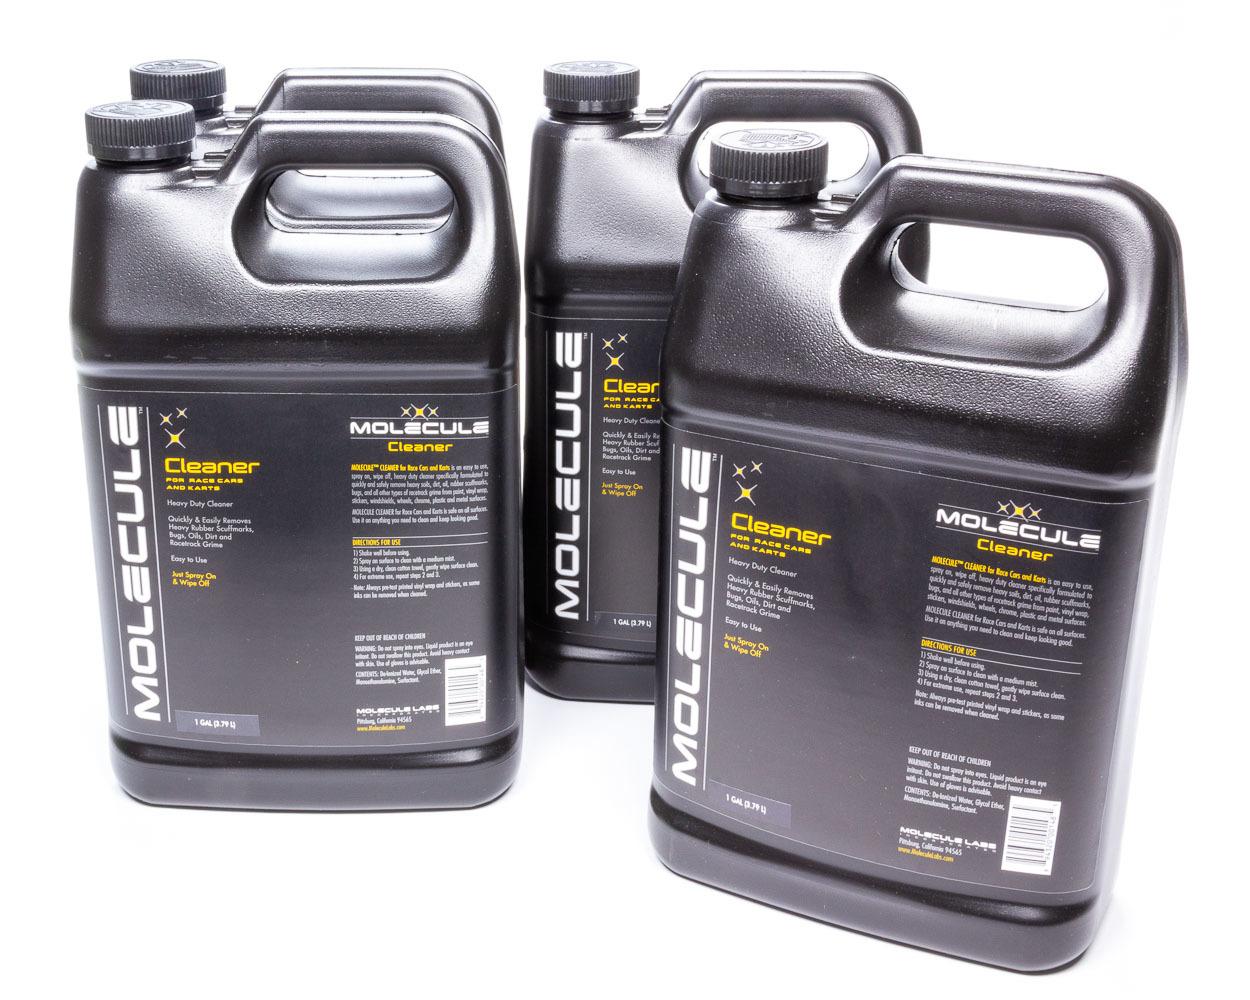 Molecule MLC-1G-4 Detailer, Race Car Cleaner, 1 gal Jug, Set of 4